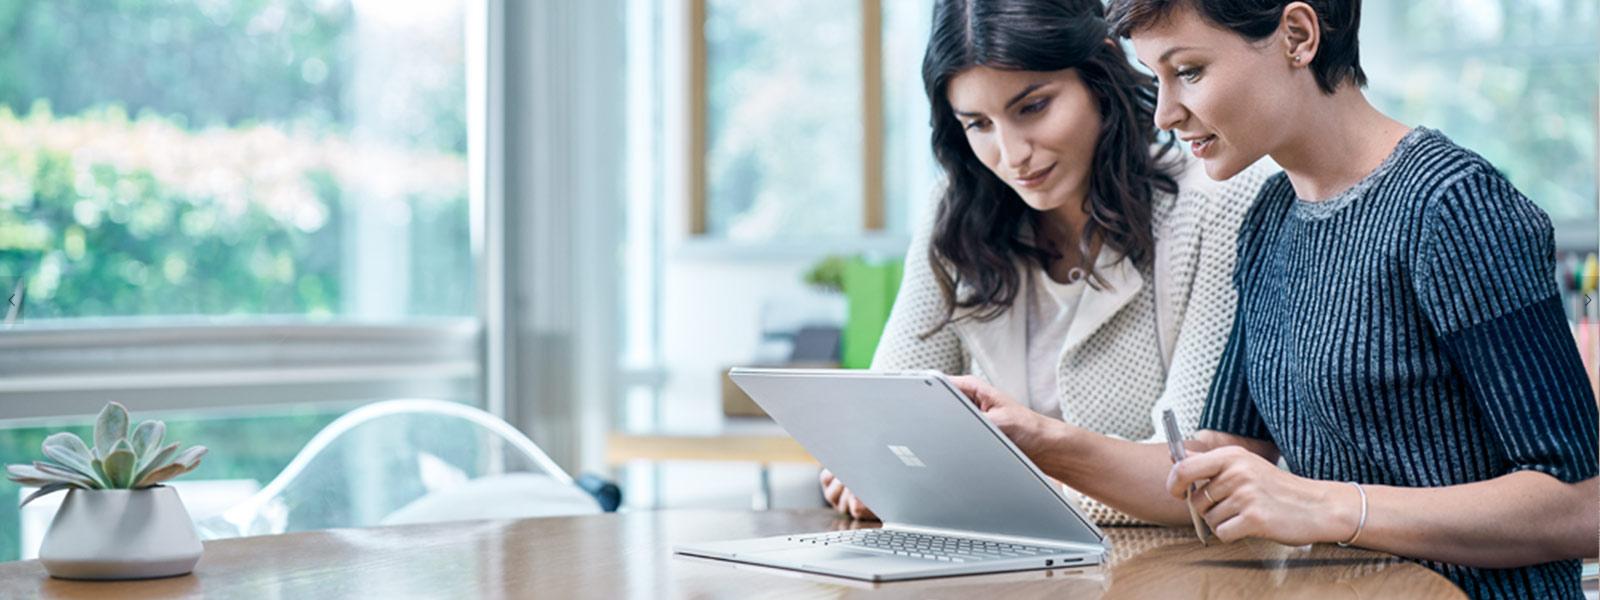 Frau zeichnet mit Surface Pen auf Surface Studio-Bildschirm und zoomt mit der anderen Hand